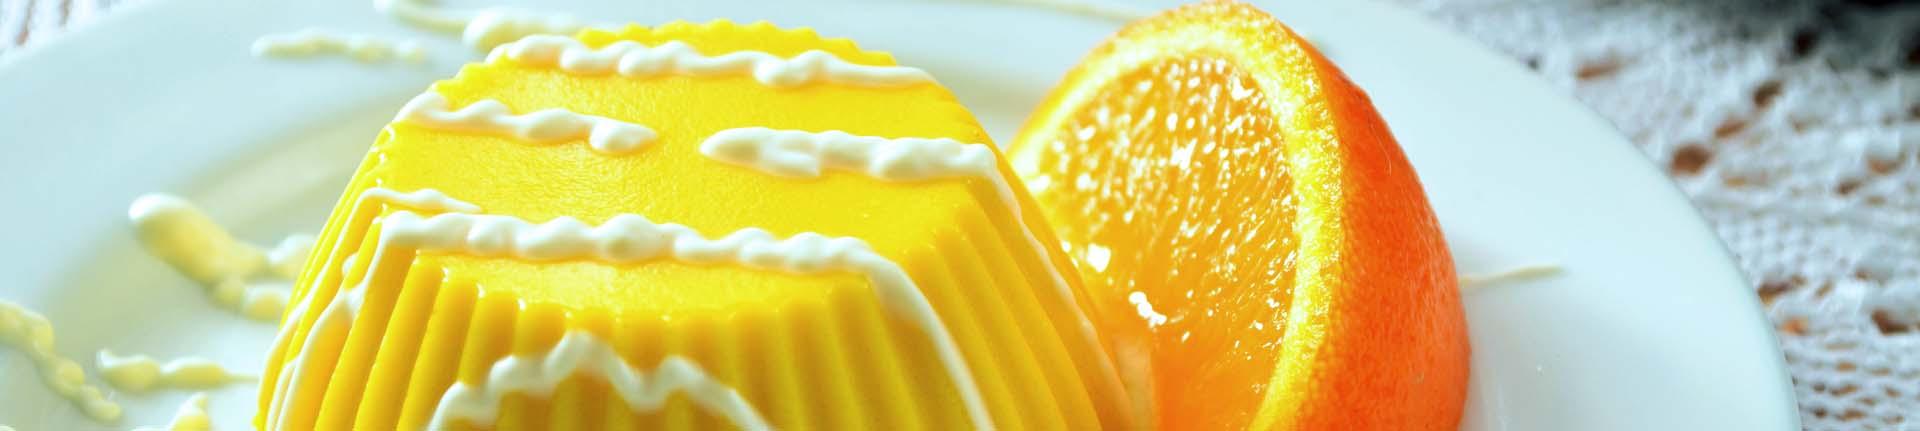 Flan de laranja e baunilha para a sobremesa